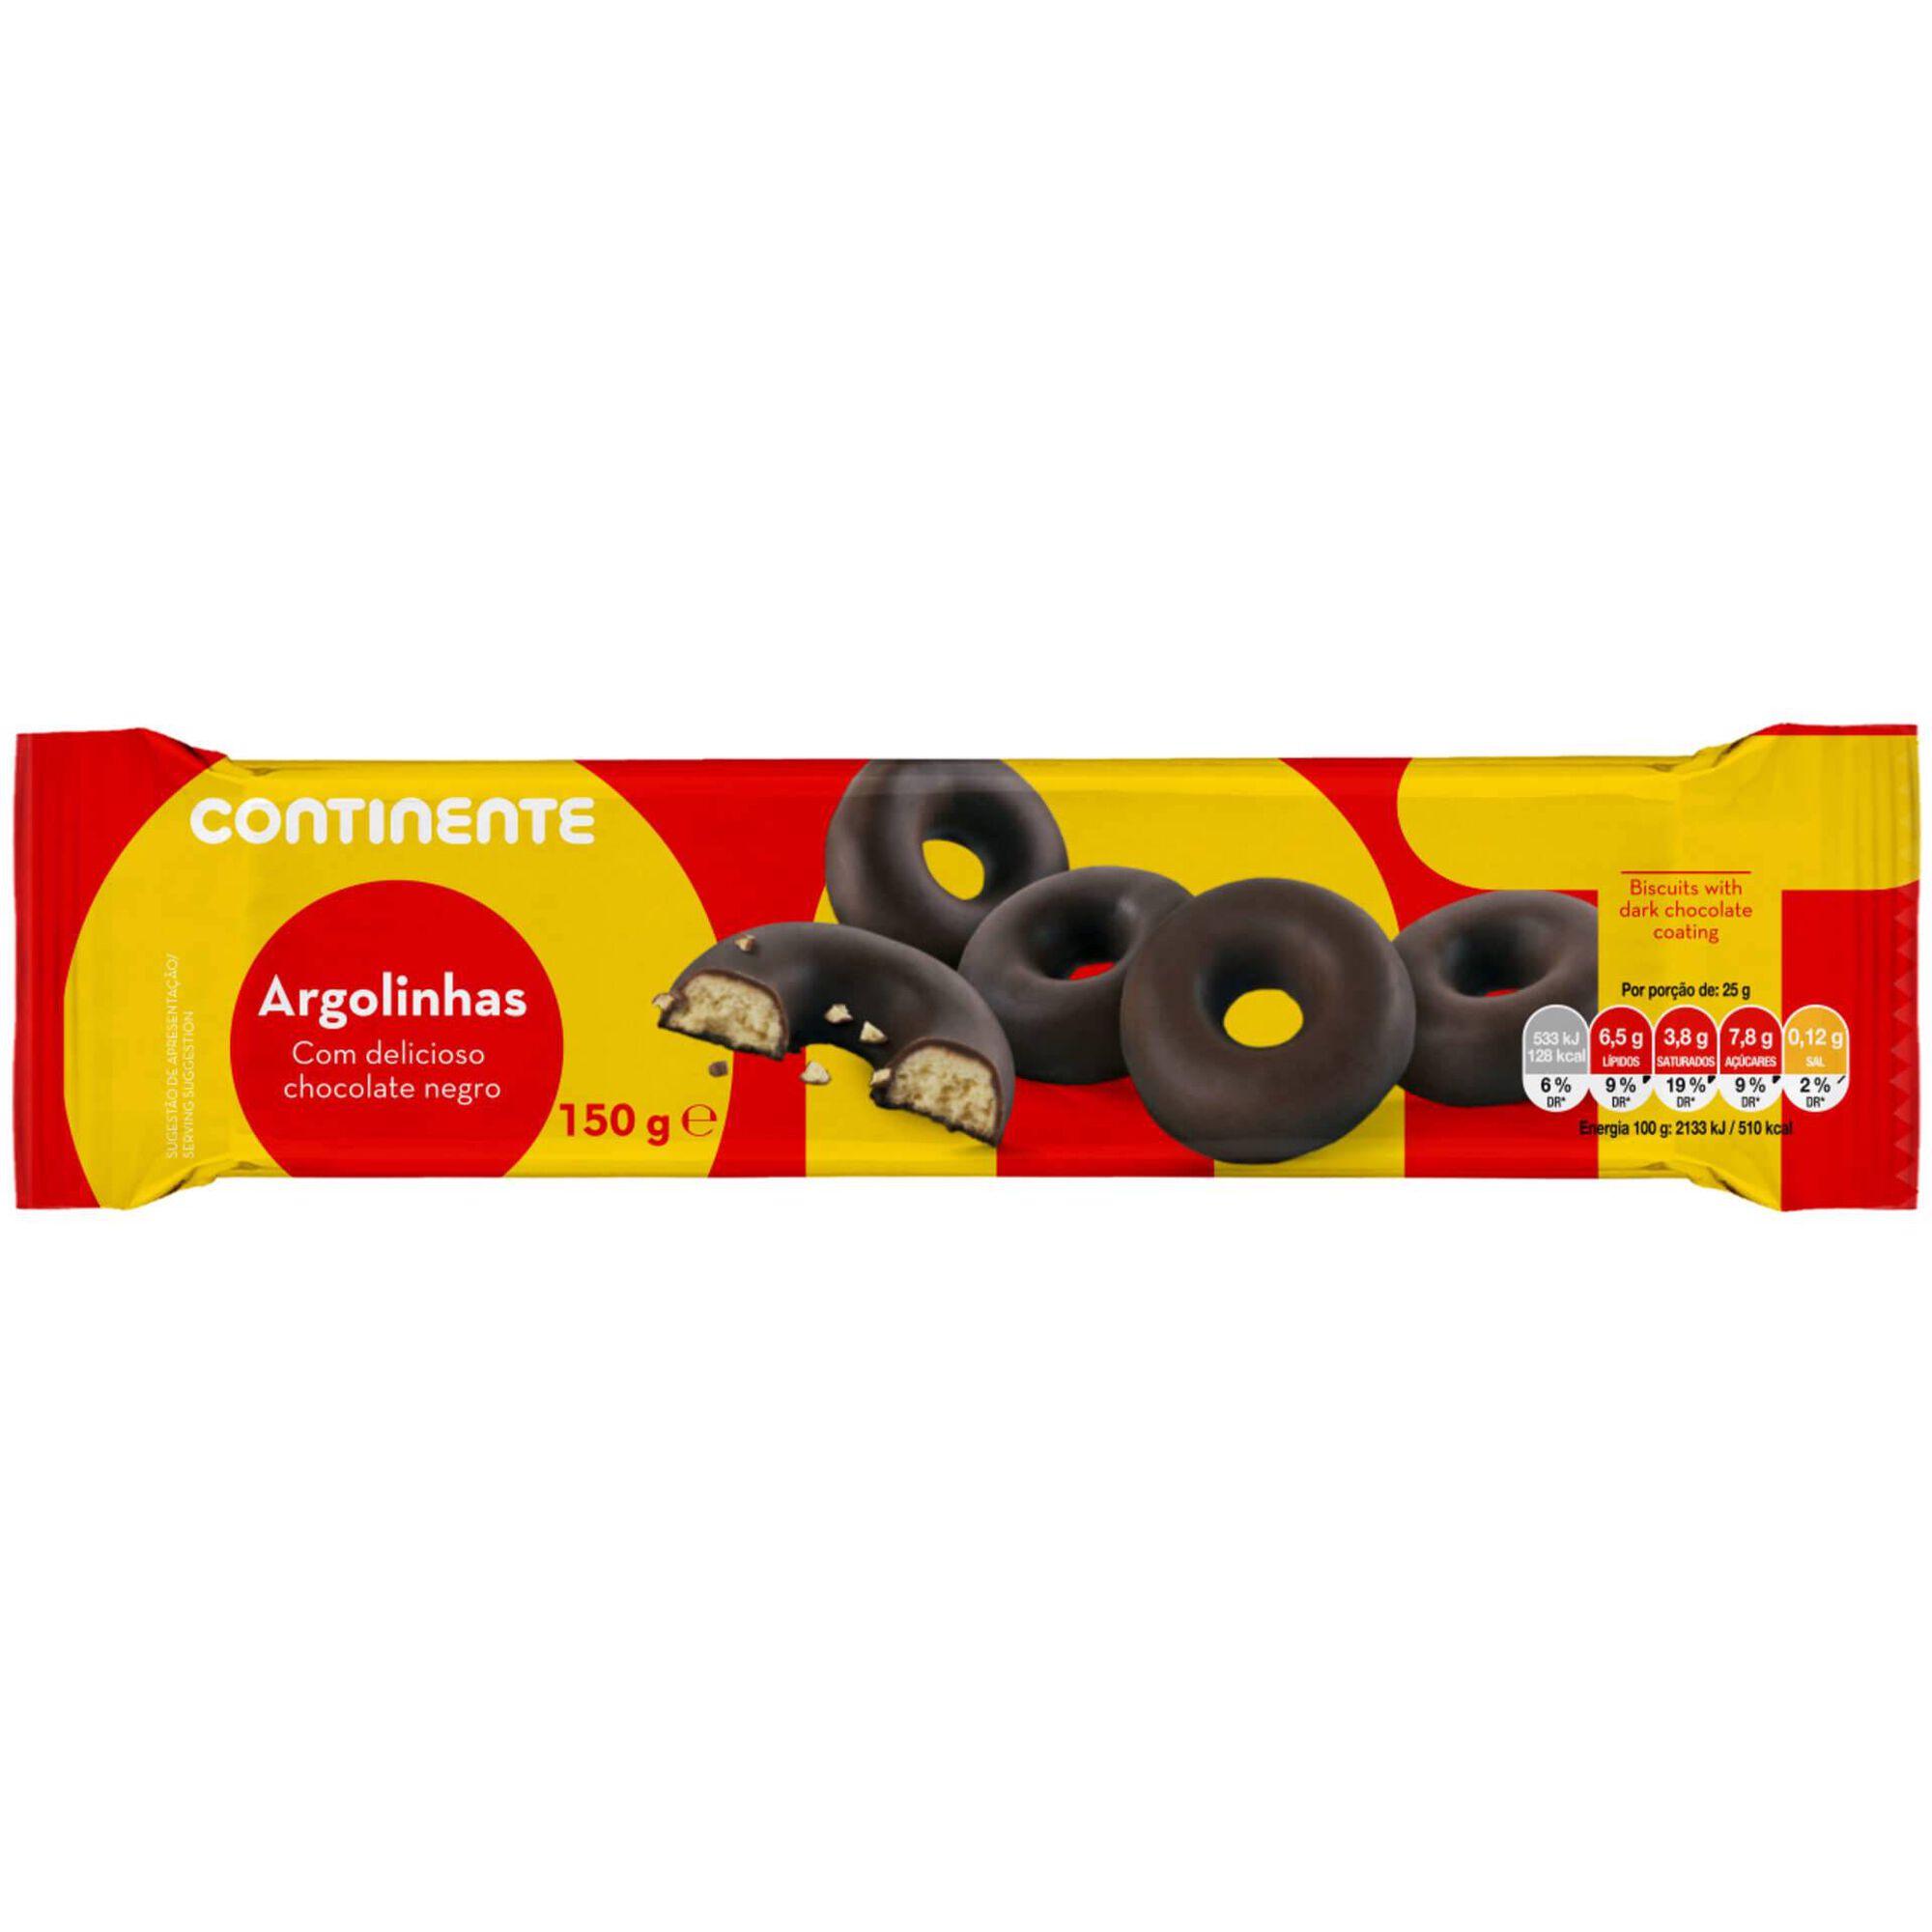 Bolachas Argolinhas com Cobertura Chocolate Negro